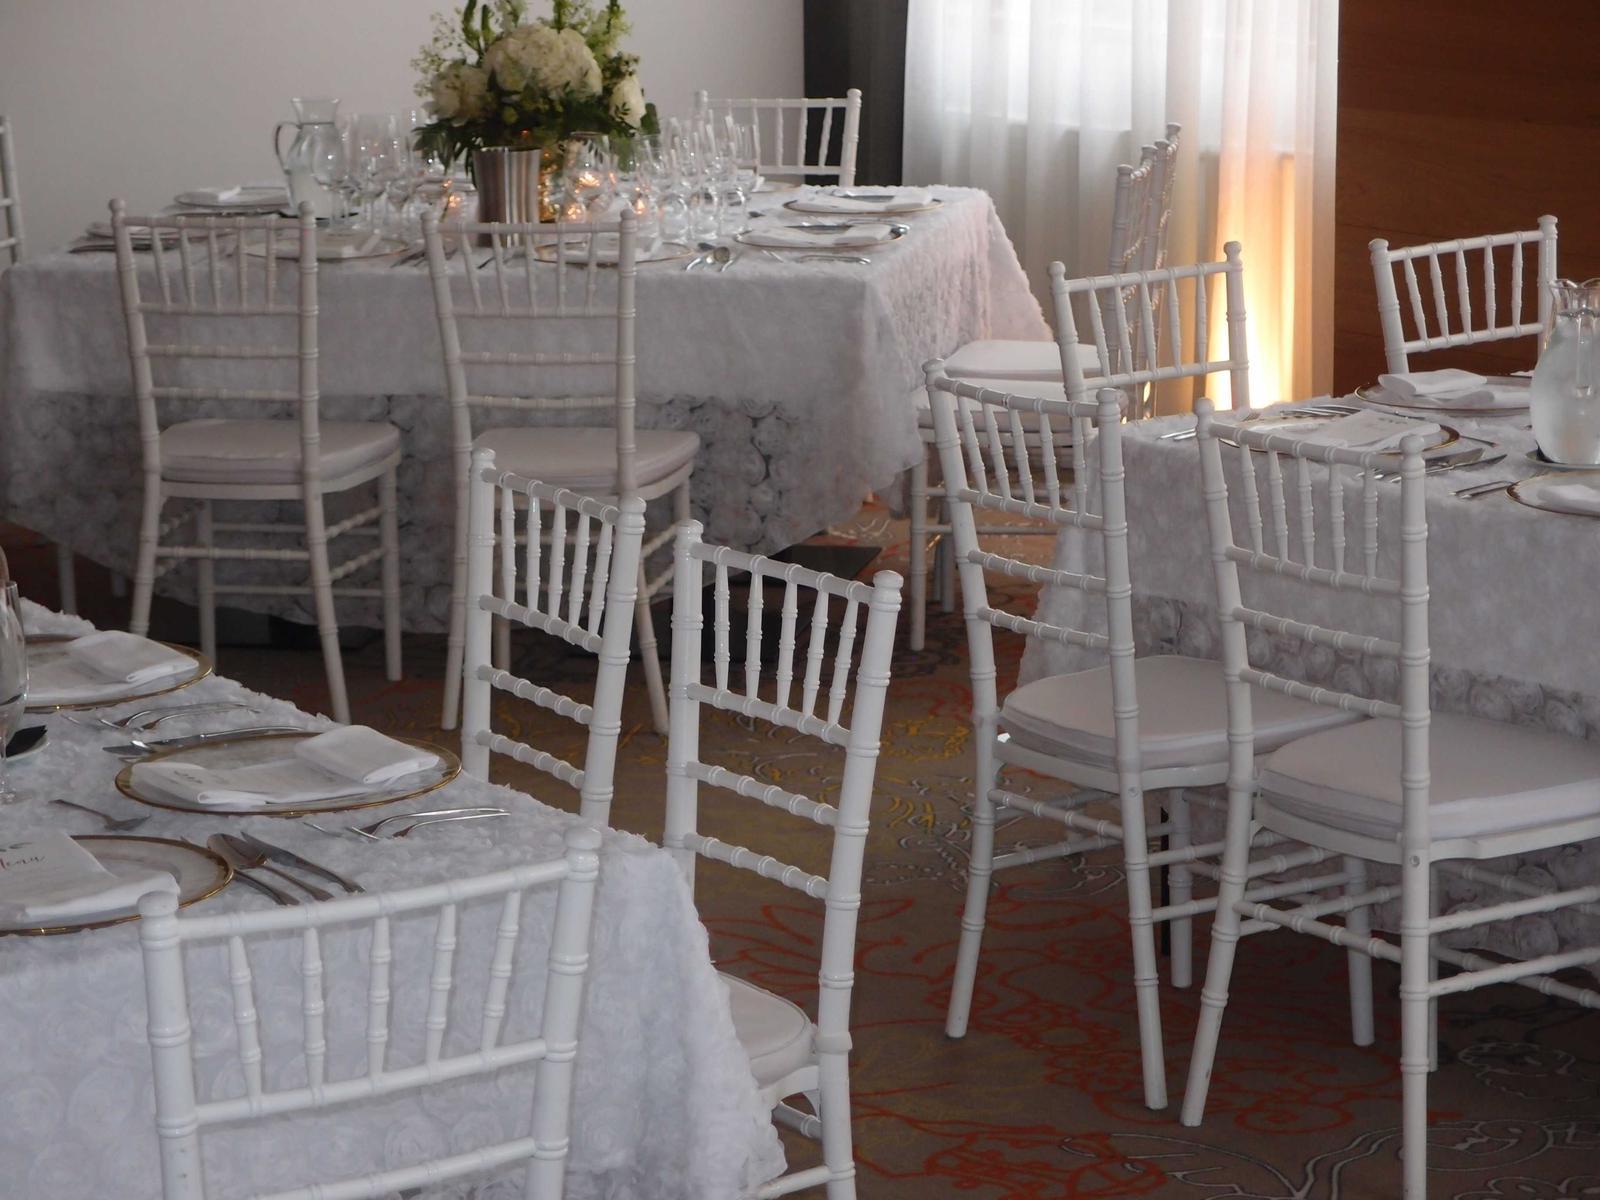 Svadba hotel Lesná Stará Lesná, Janka & Michal - Obrázok č. 20